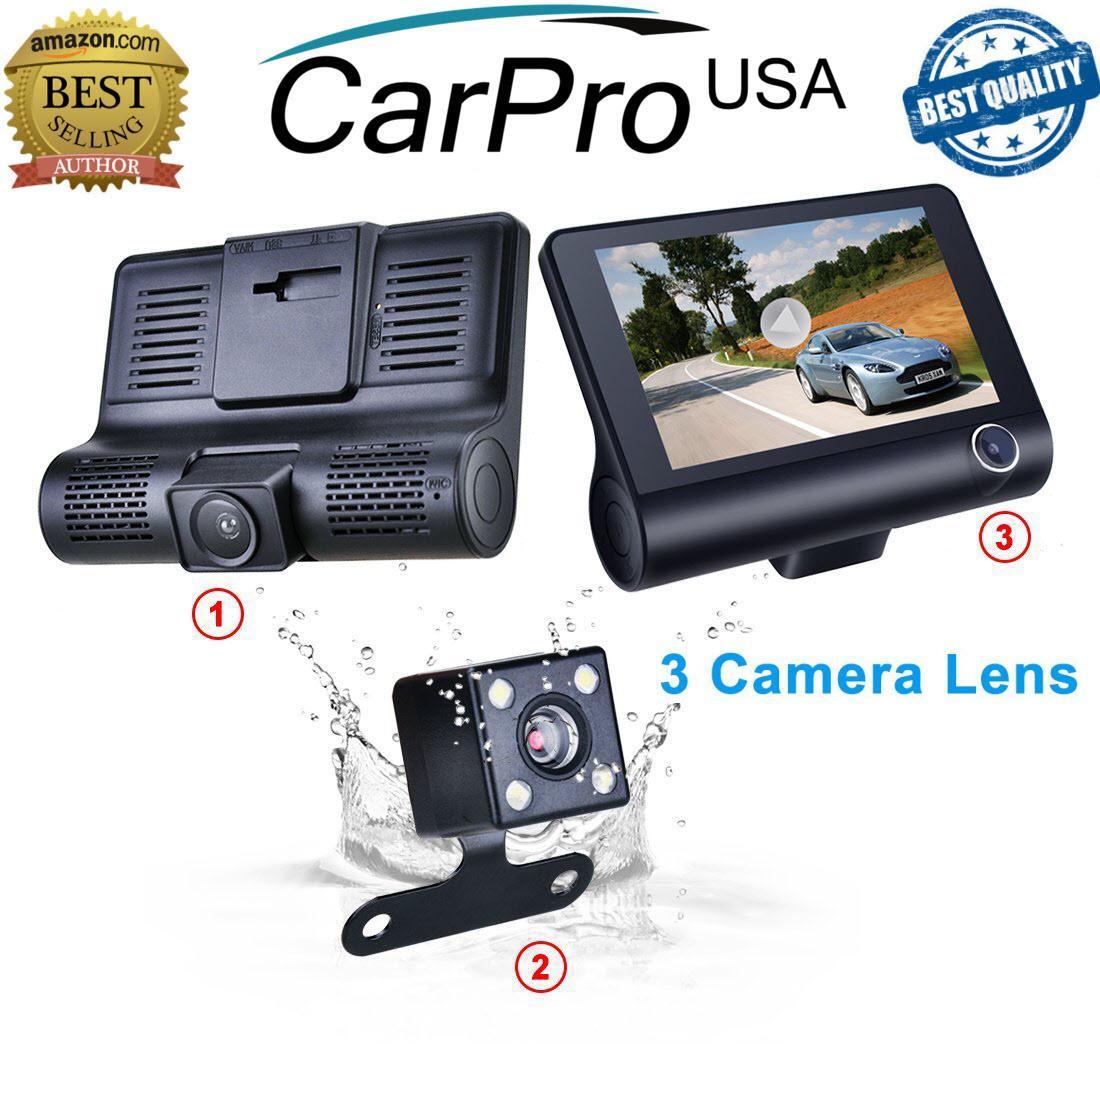 Camera Hành Trình Cho Ô Tô Cao Cấp Với 3 Camera By Shopgiagoc.